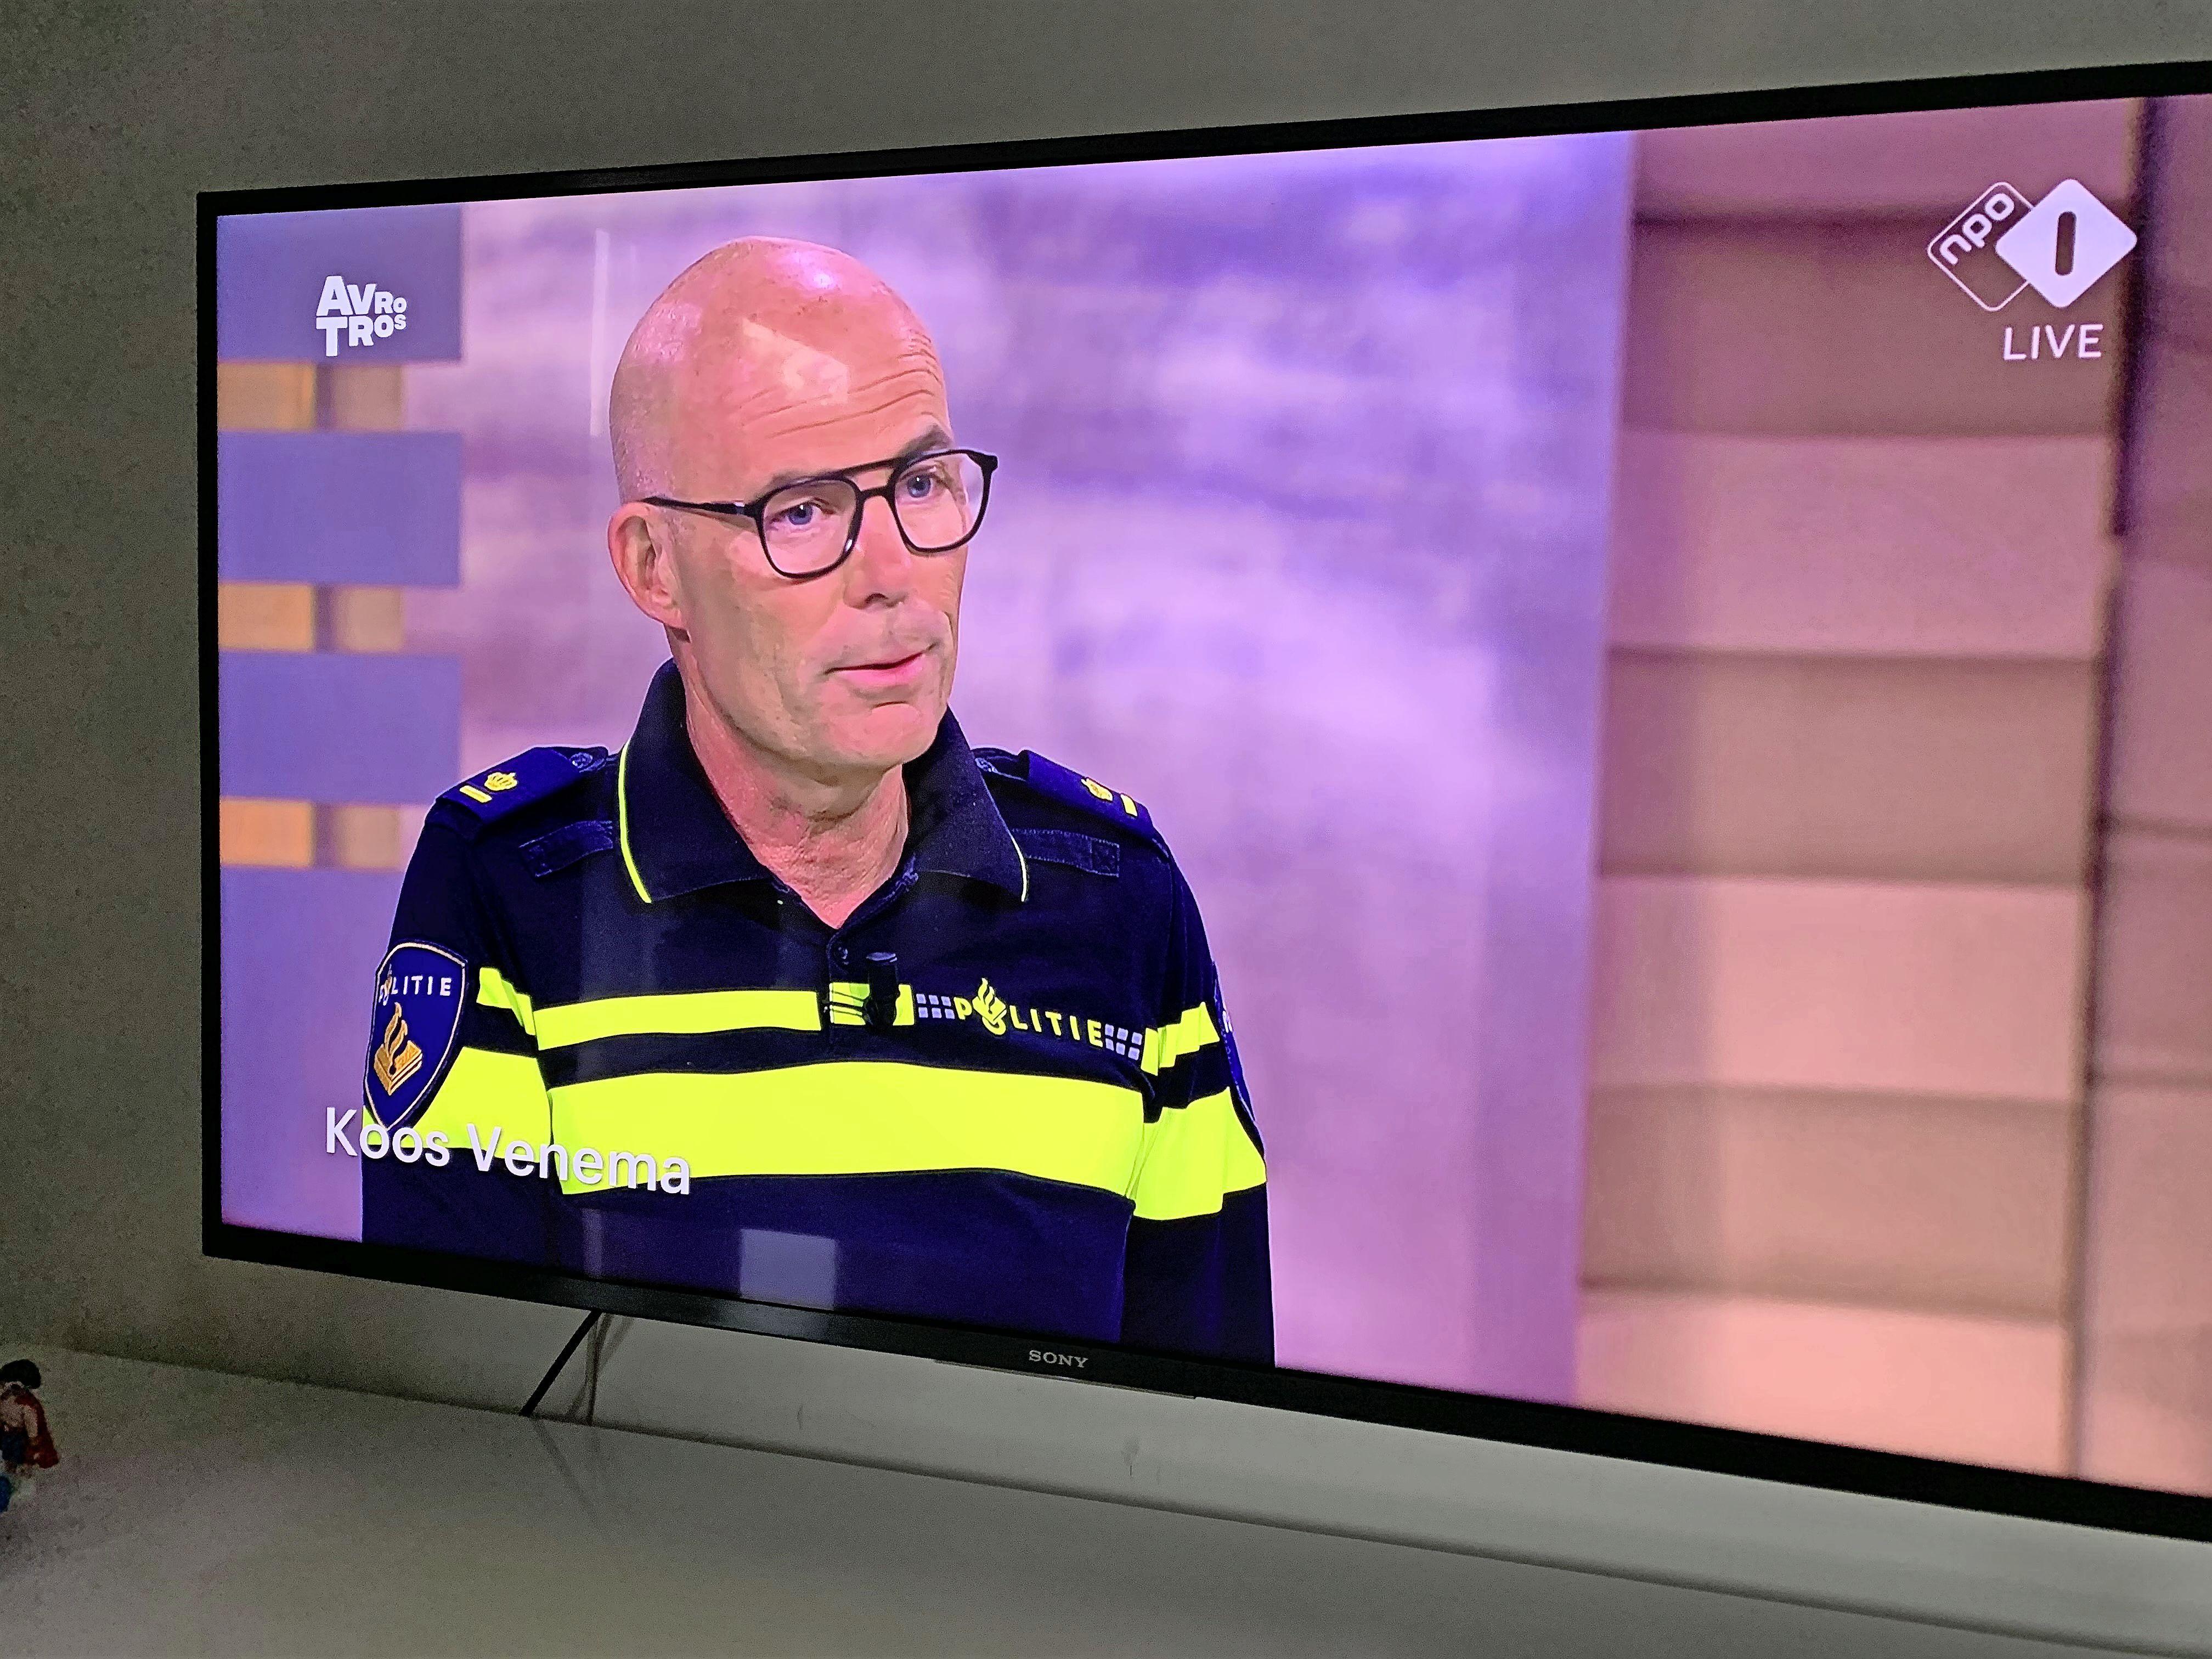 Zestig tips bij politie na uitzending over gewapende overval in Avenhorn, waarbij vrouw des huizes geraakt werd door een kogel [video]